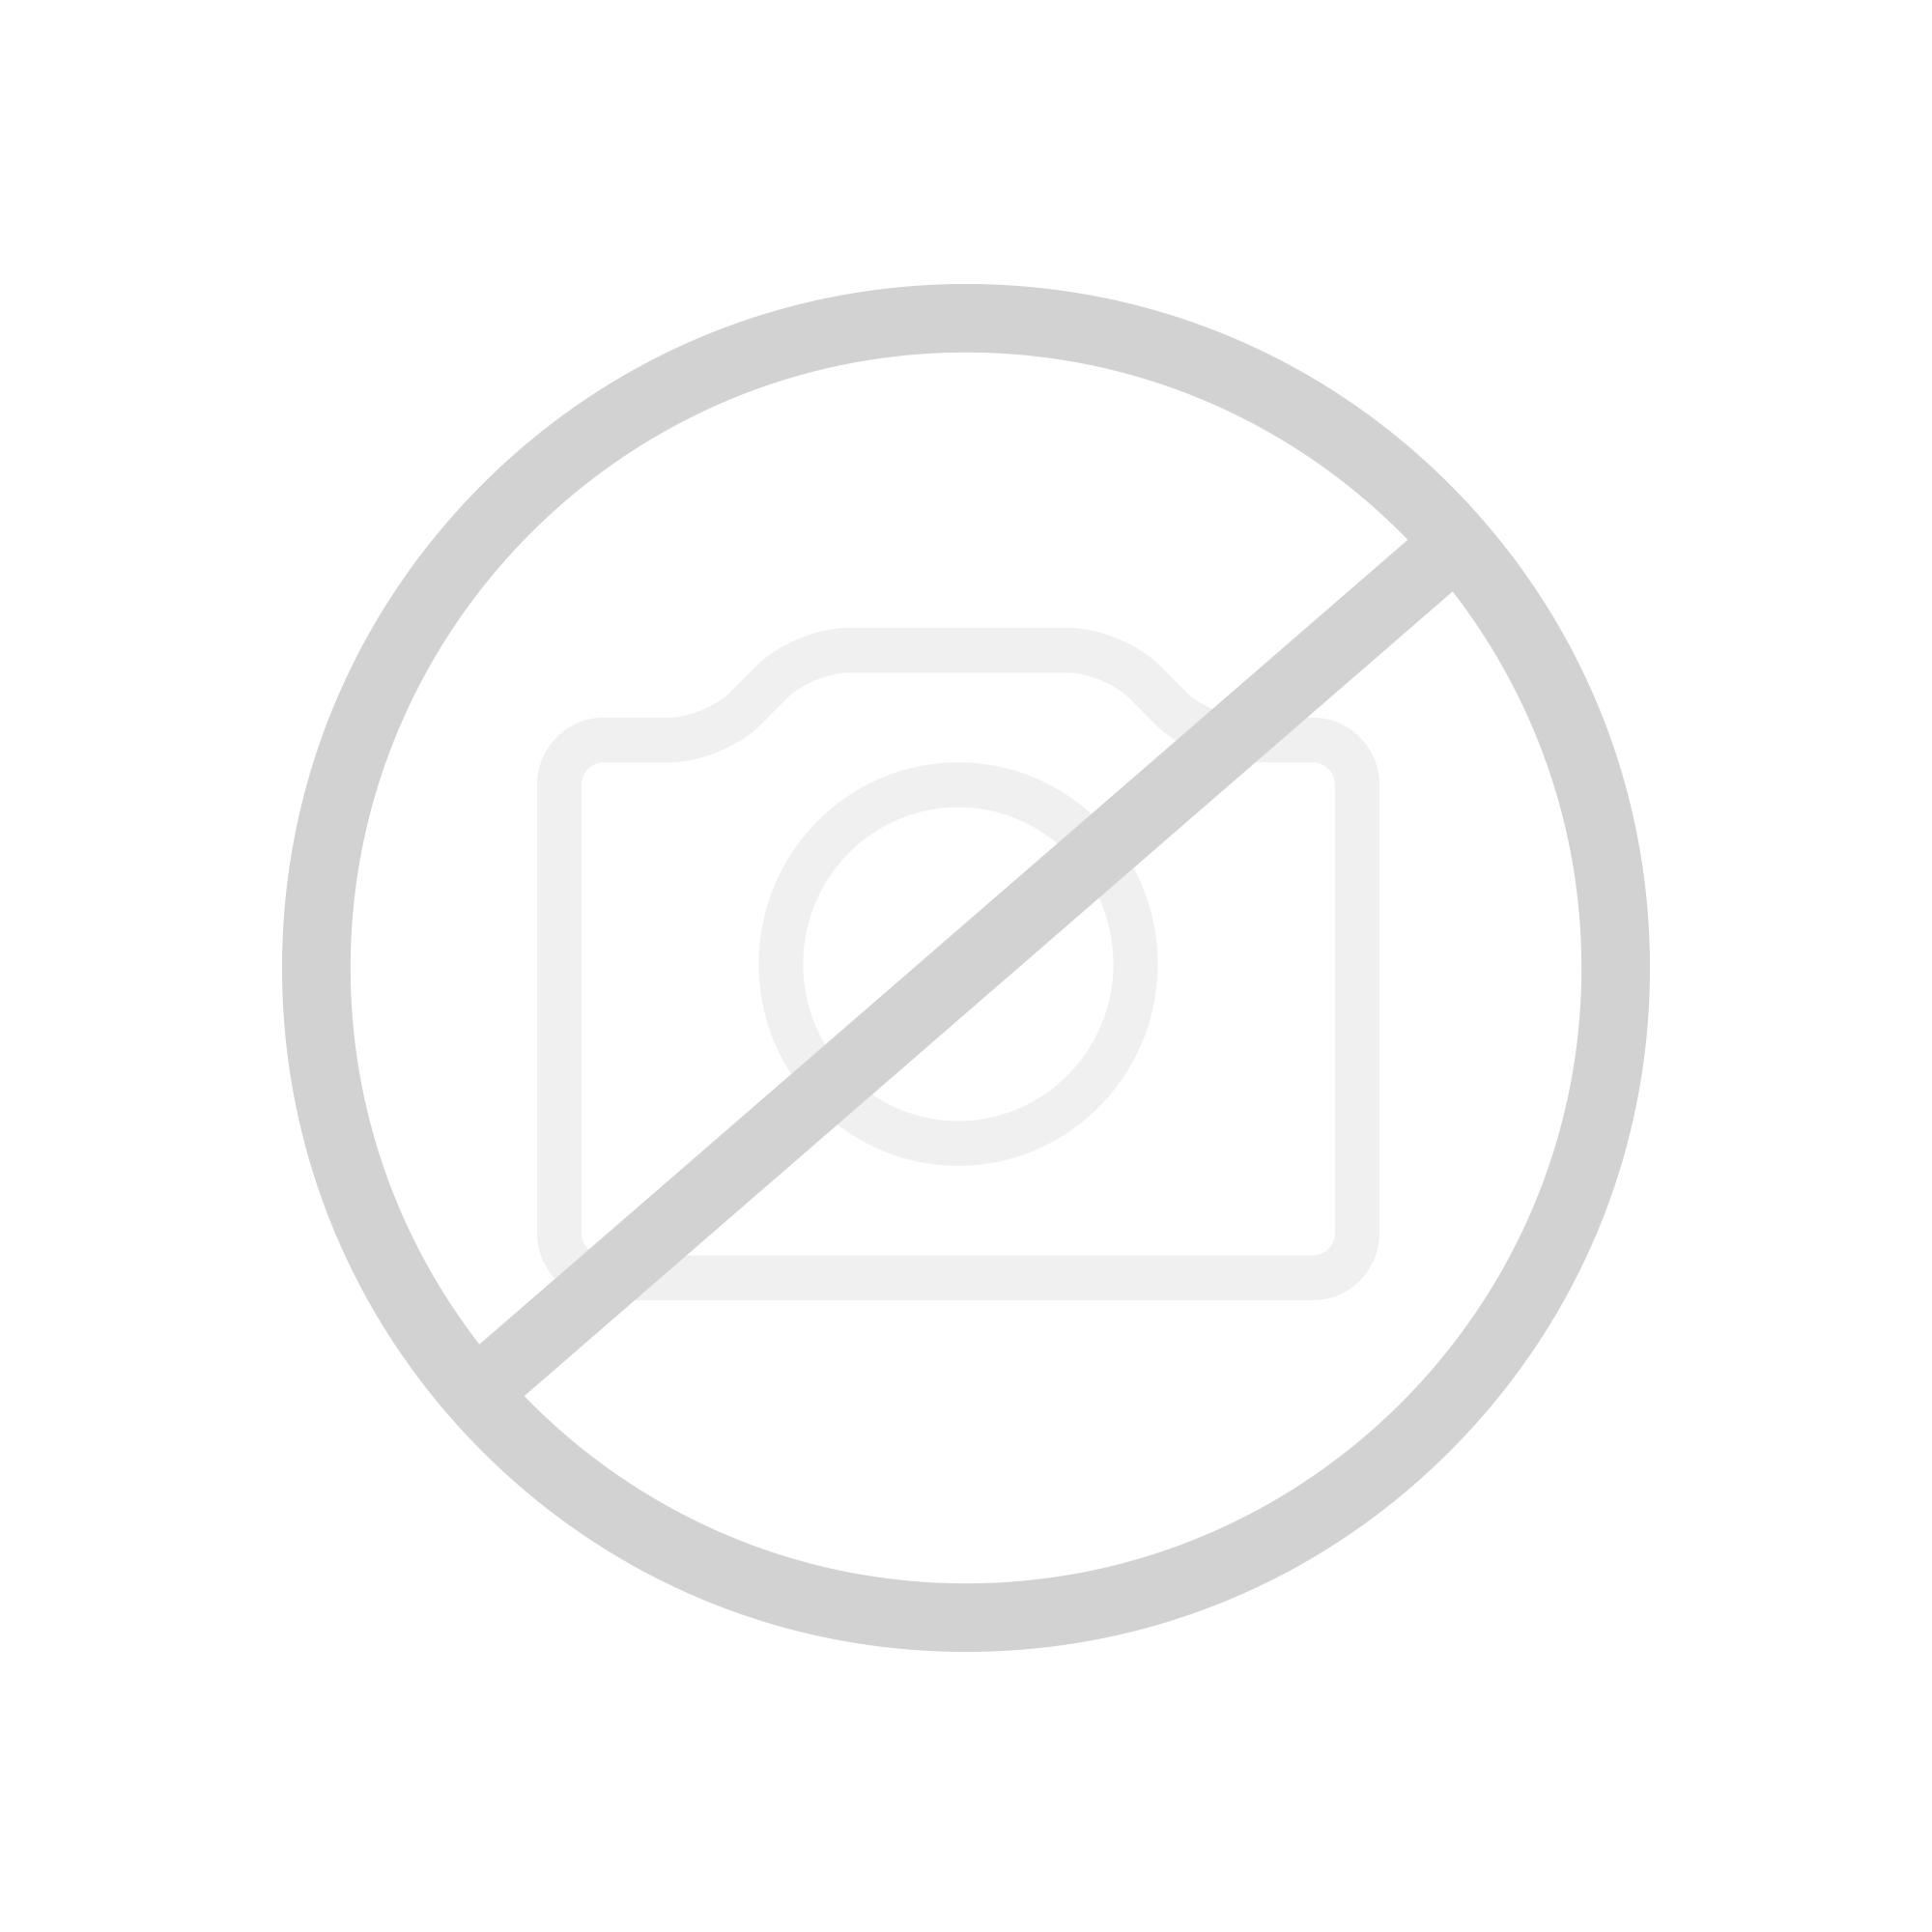 geberit aktivkohlefilter wc anlage douche preisvergleich aktivkohlefilter g nstig kaufen bei. Black Bedroom Furniture Sets. Home Design Ideas